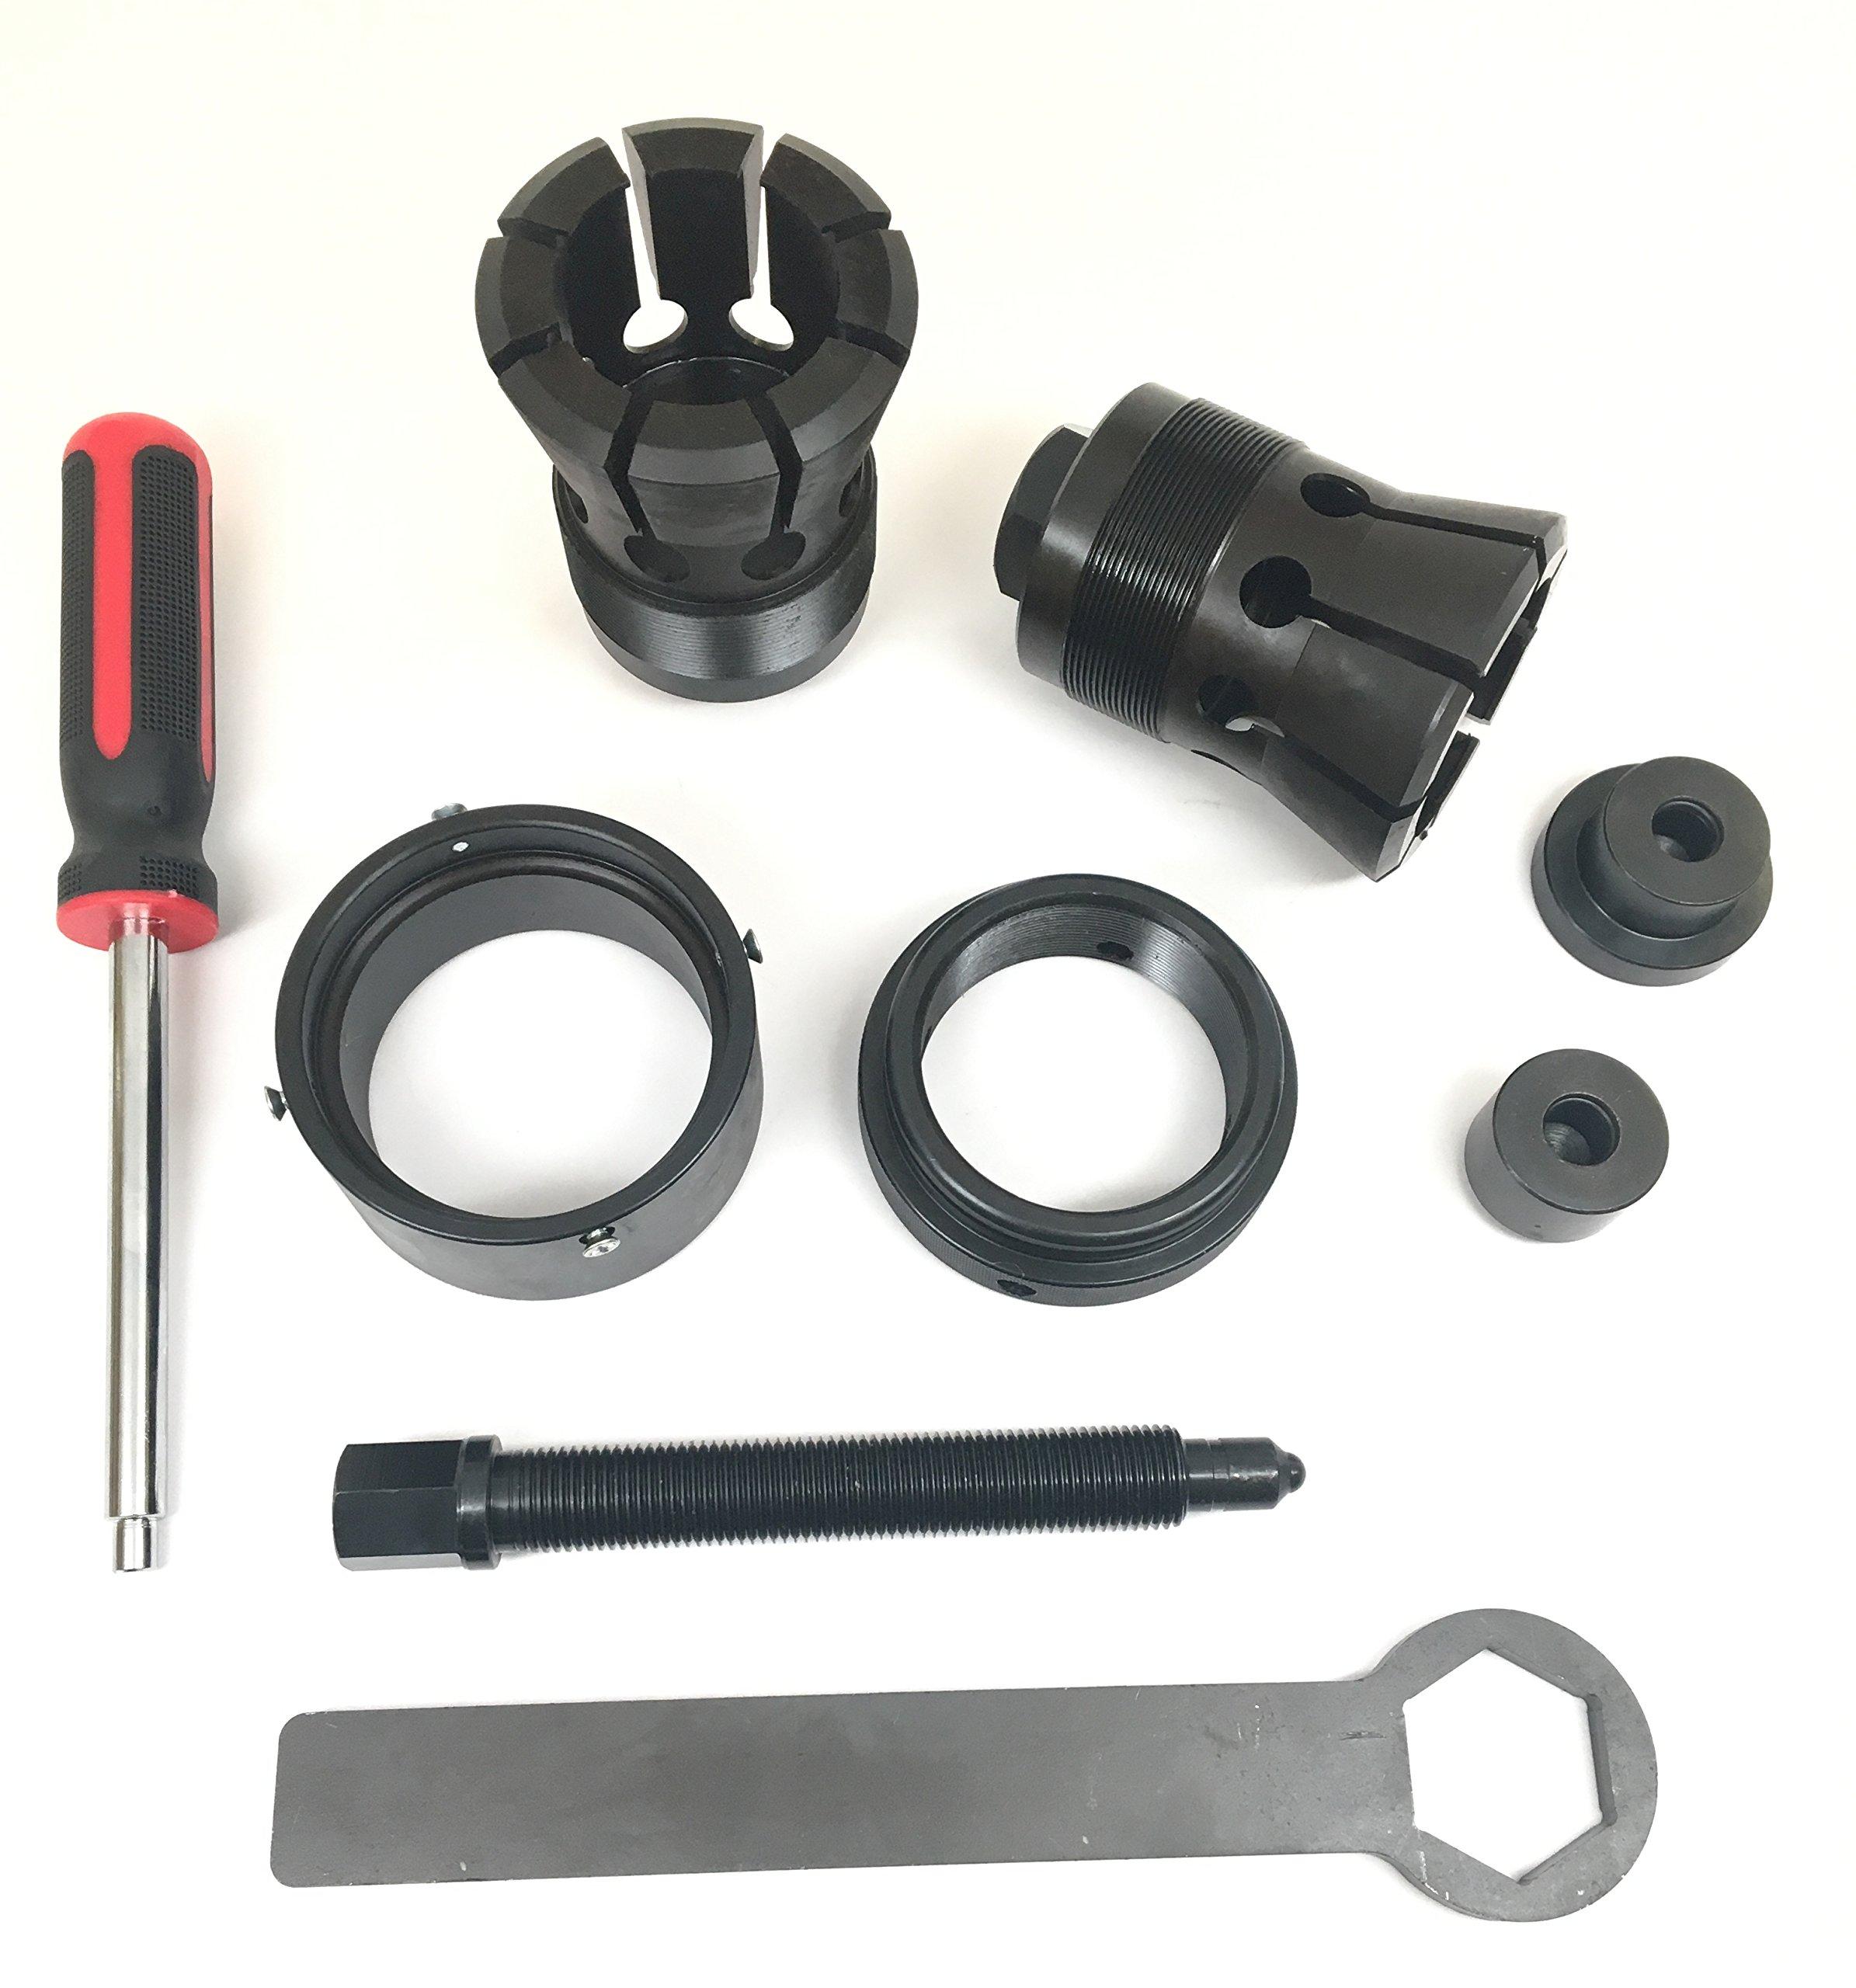 CTA Tools 1200 Inner Bearing Race Puller